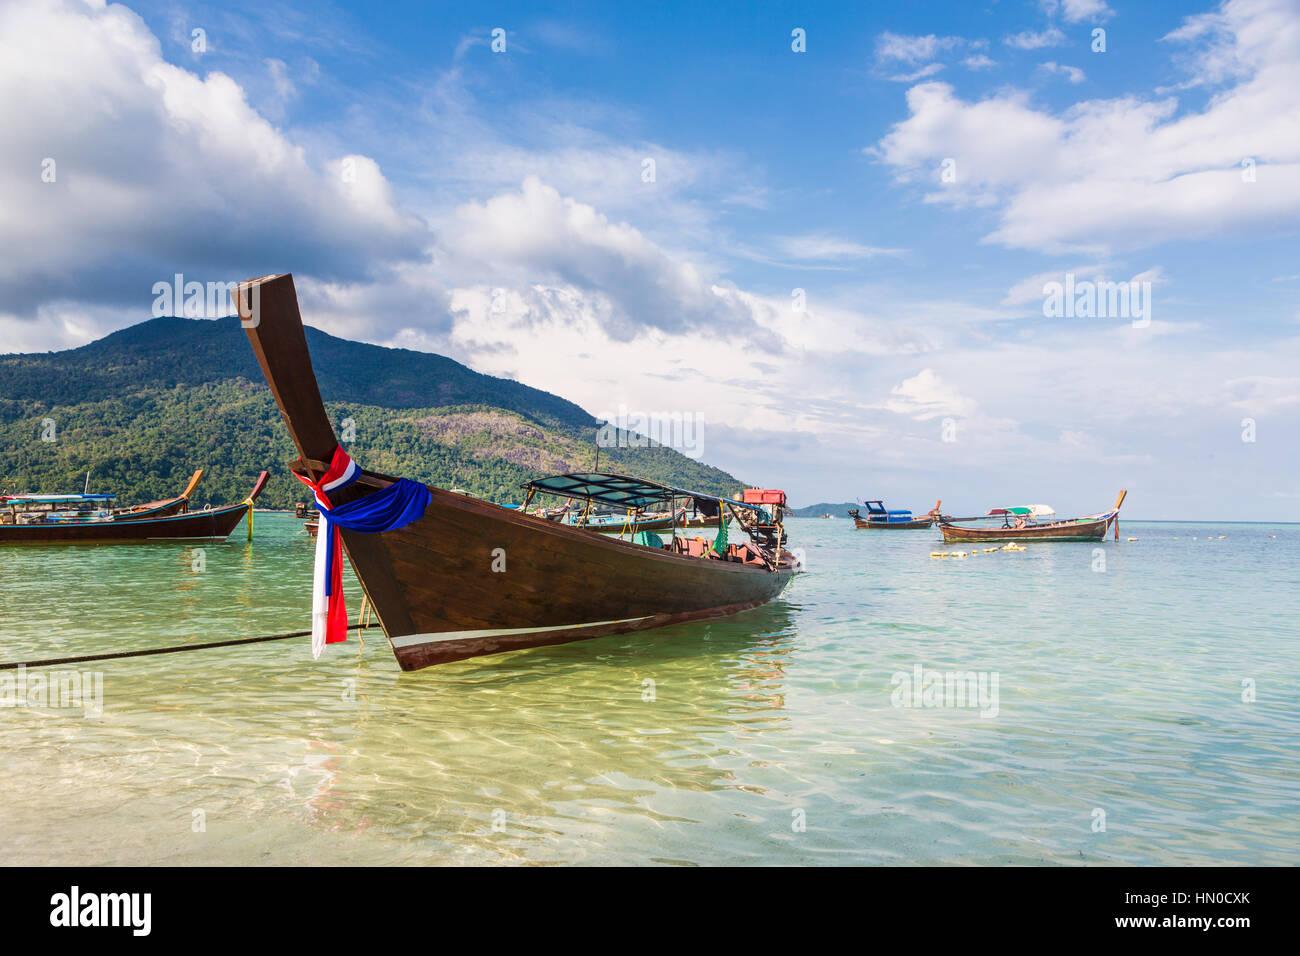 Un portrait d'une traditionnelle longue queue sur une plage de Koh Lipe dans la mer d'Andaman en Thaïlande Photo Stock